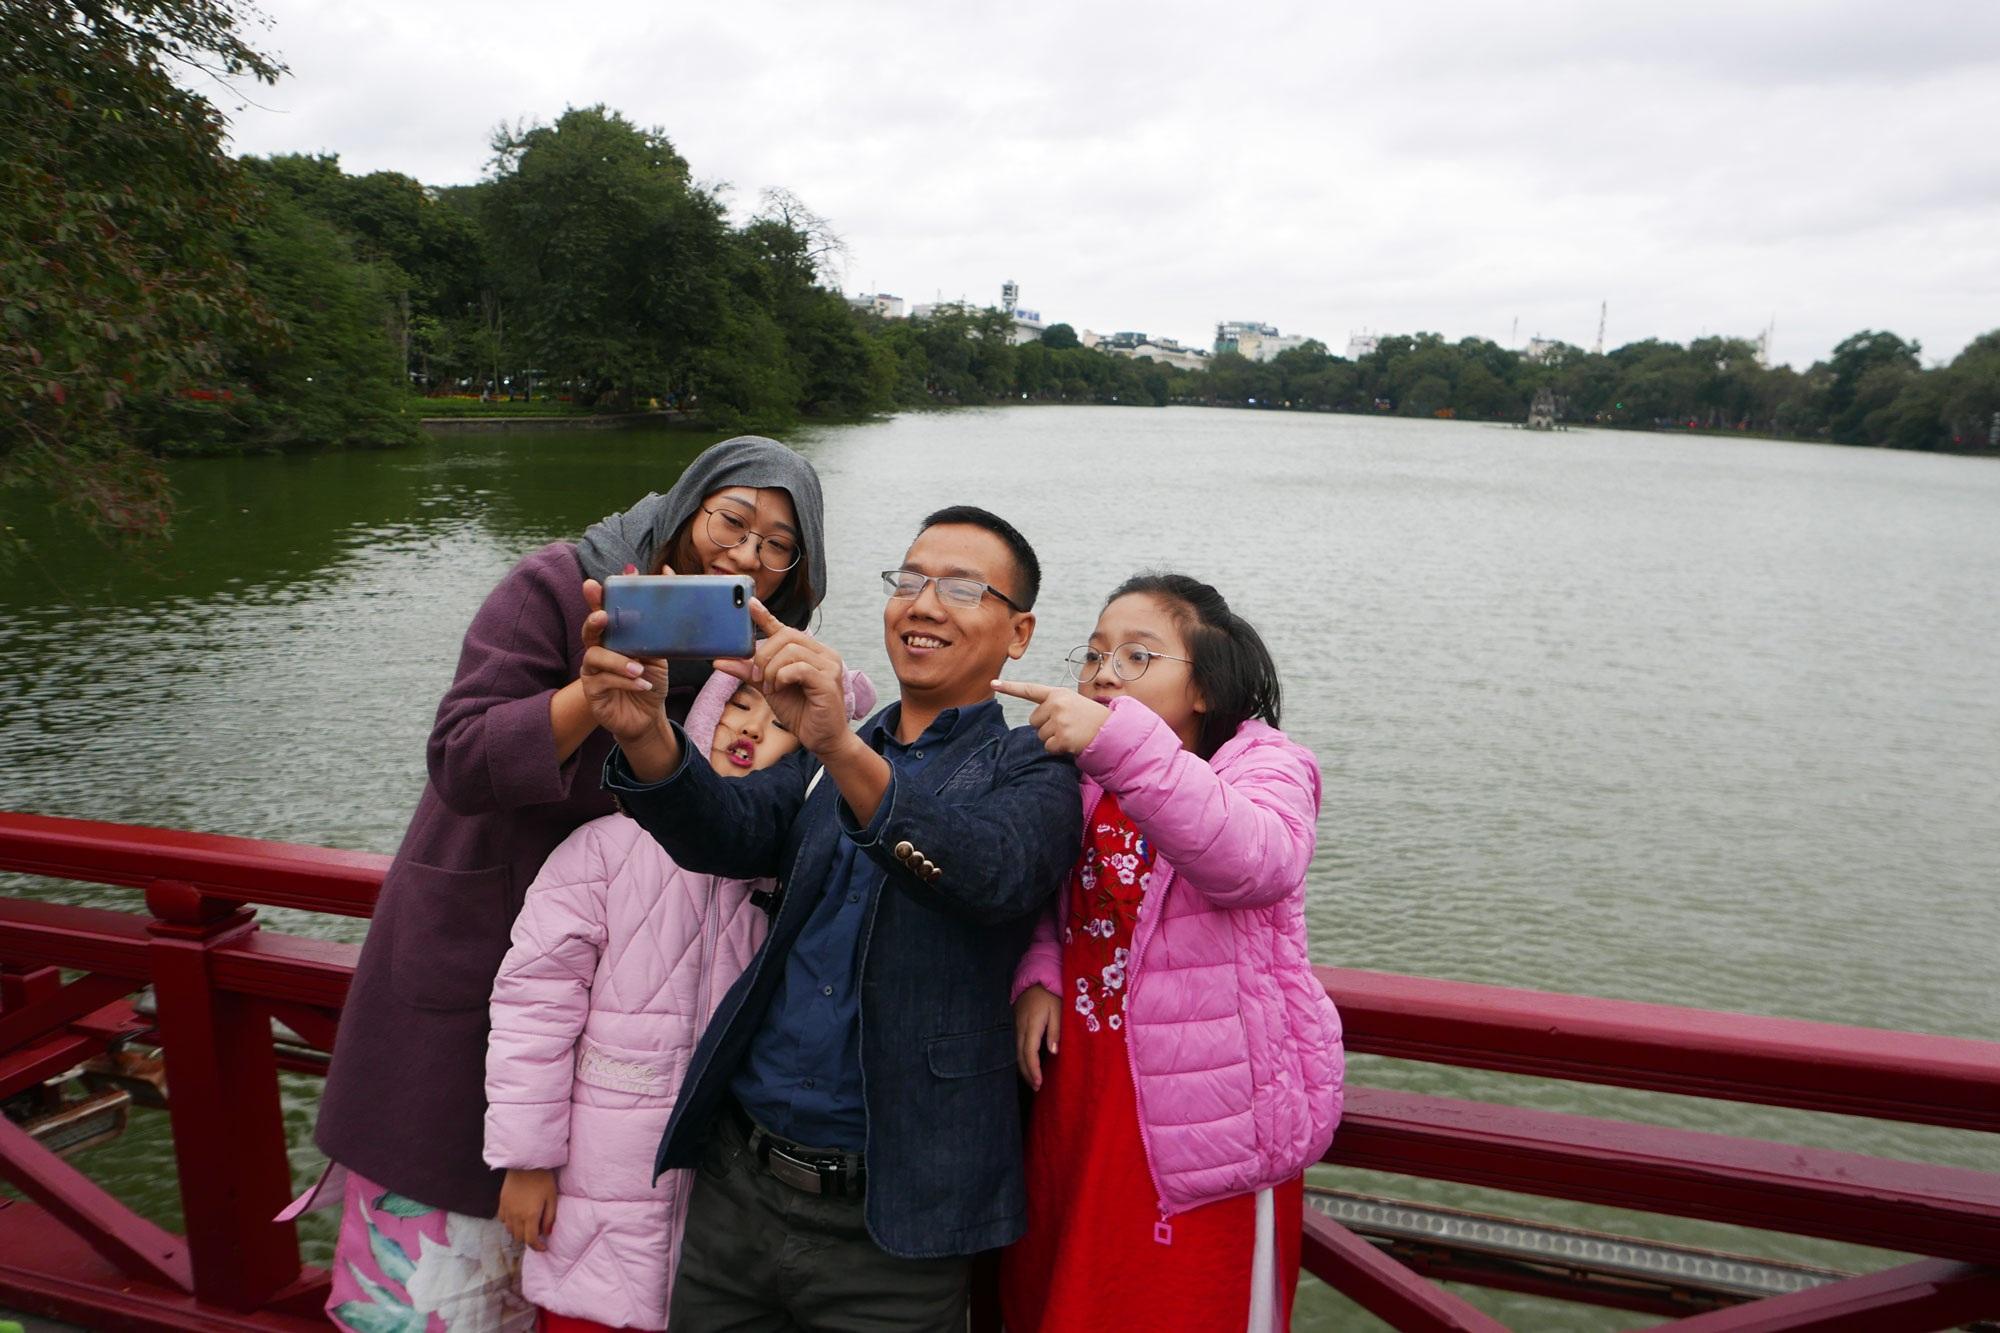 Cảnh lễ đền dưới mưa xuân tuyệt đẹp ở Hà Nội ngày mùng 1 Tết - 5